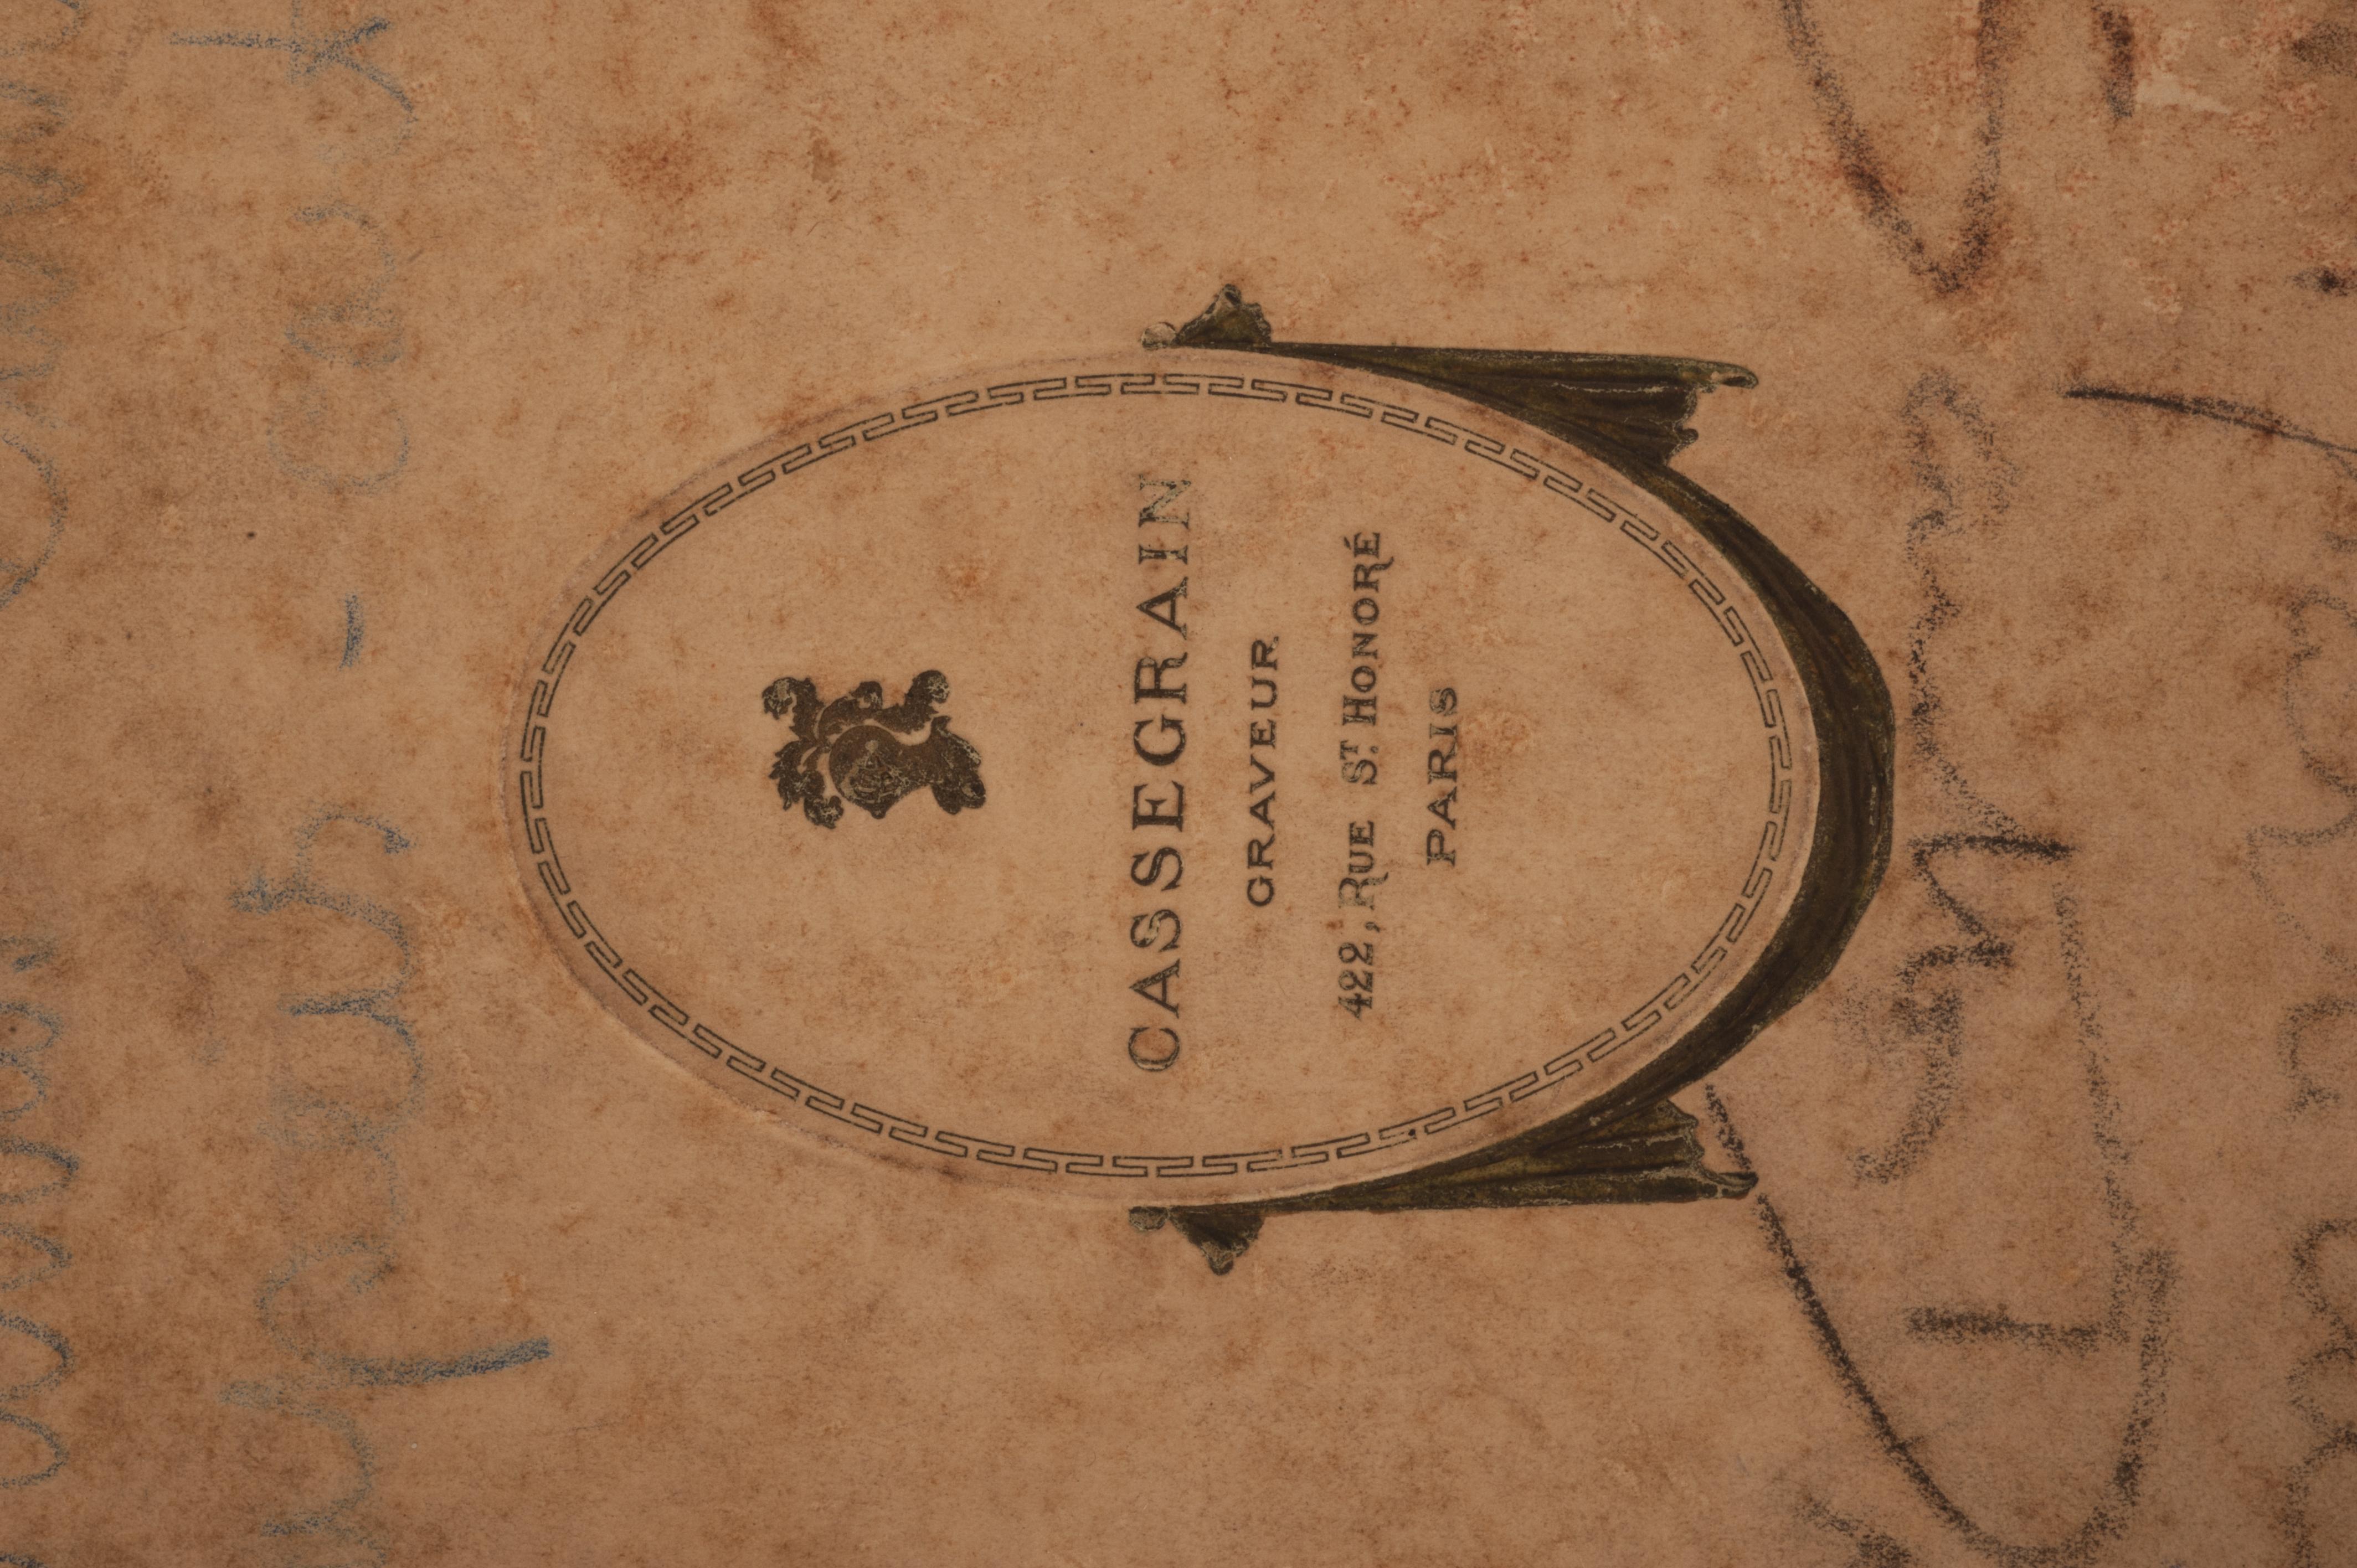 149 Rue Saint Honoré file:caixa de papel de cartas, acervo do museu paulista da